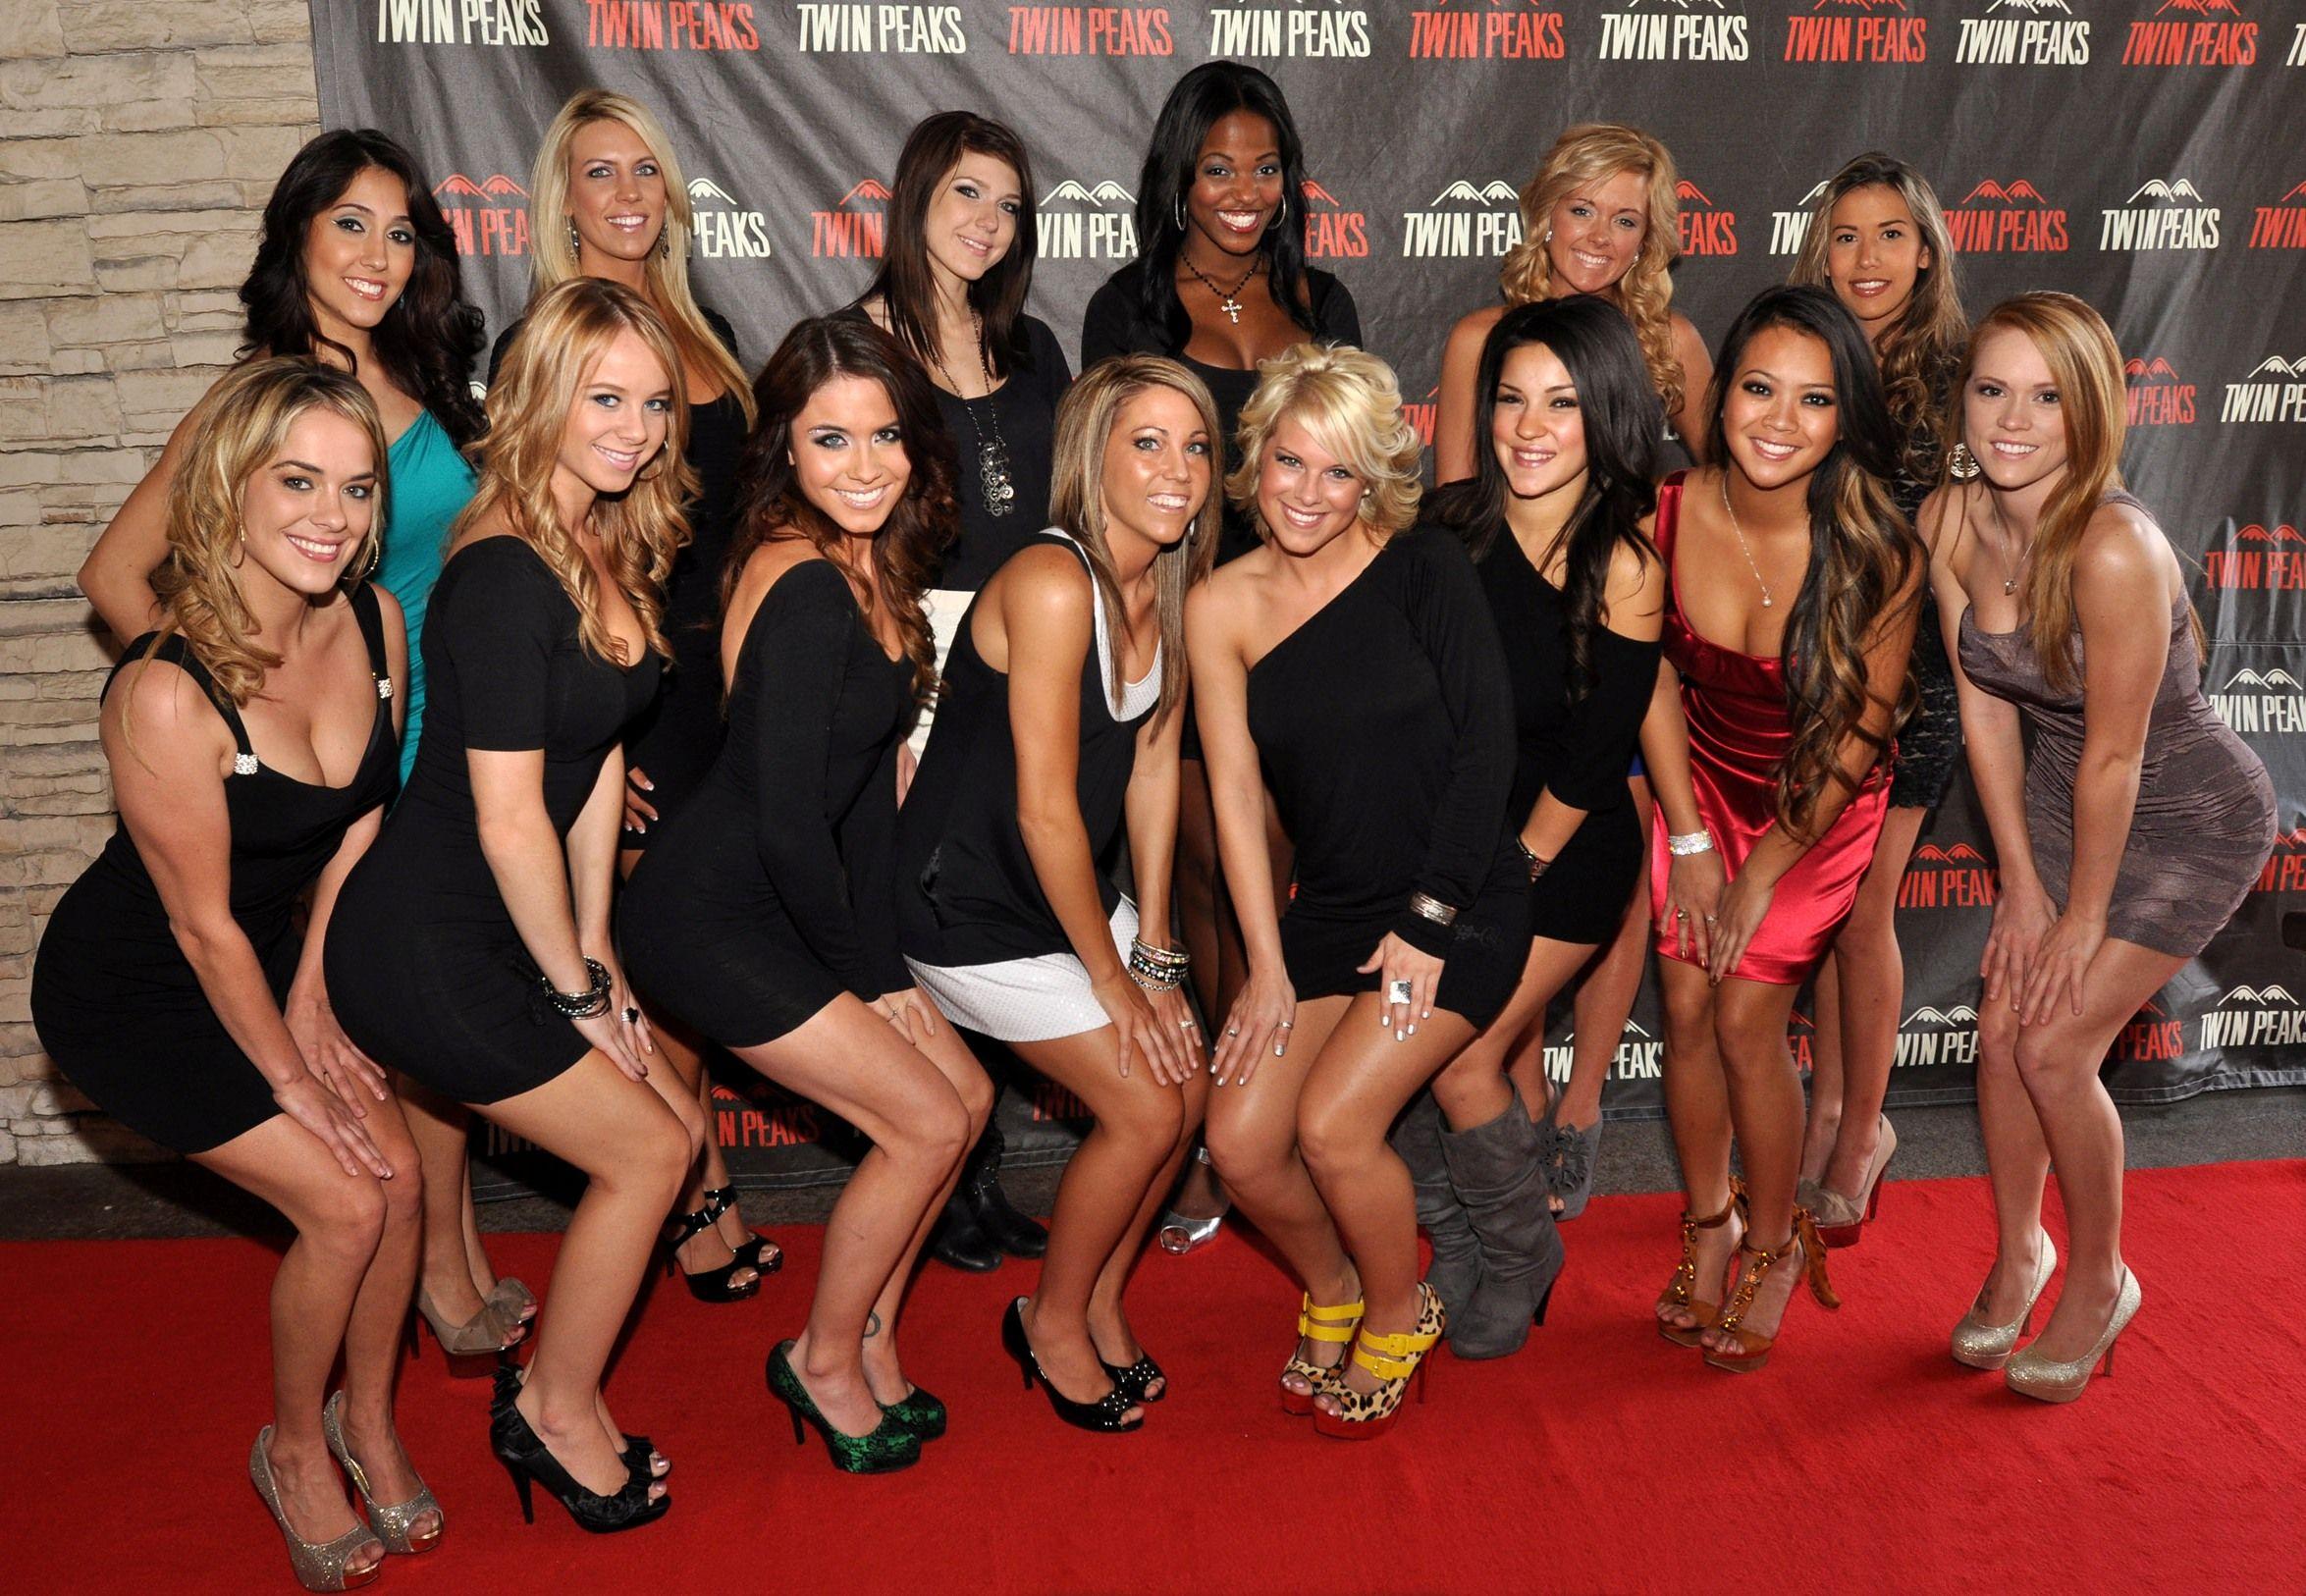 twin peaks calendar girls | twin peaks calendar launch party group